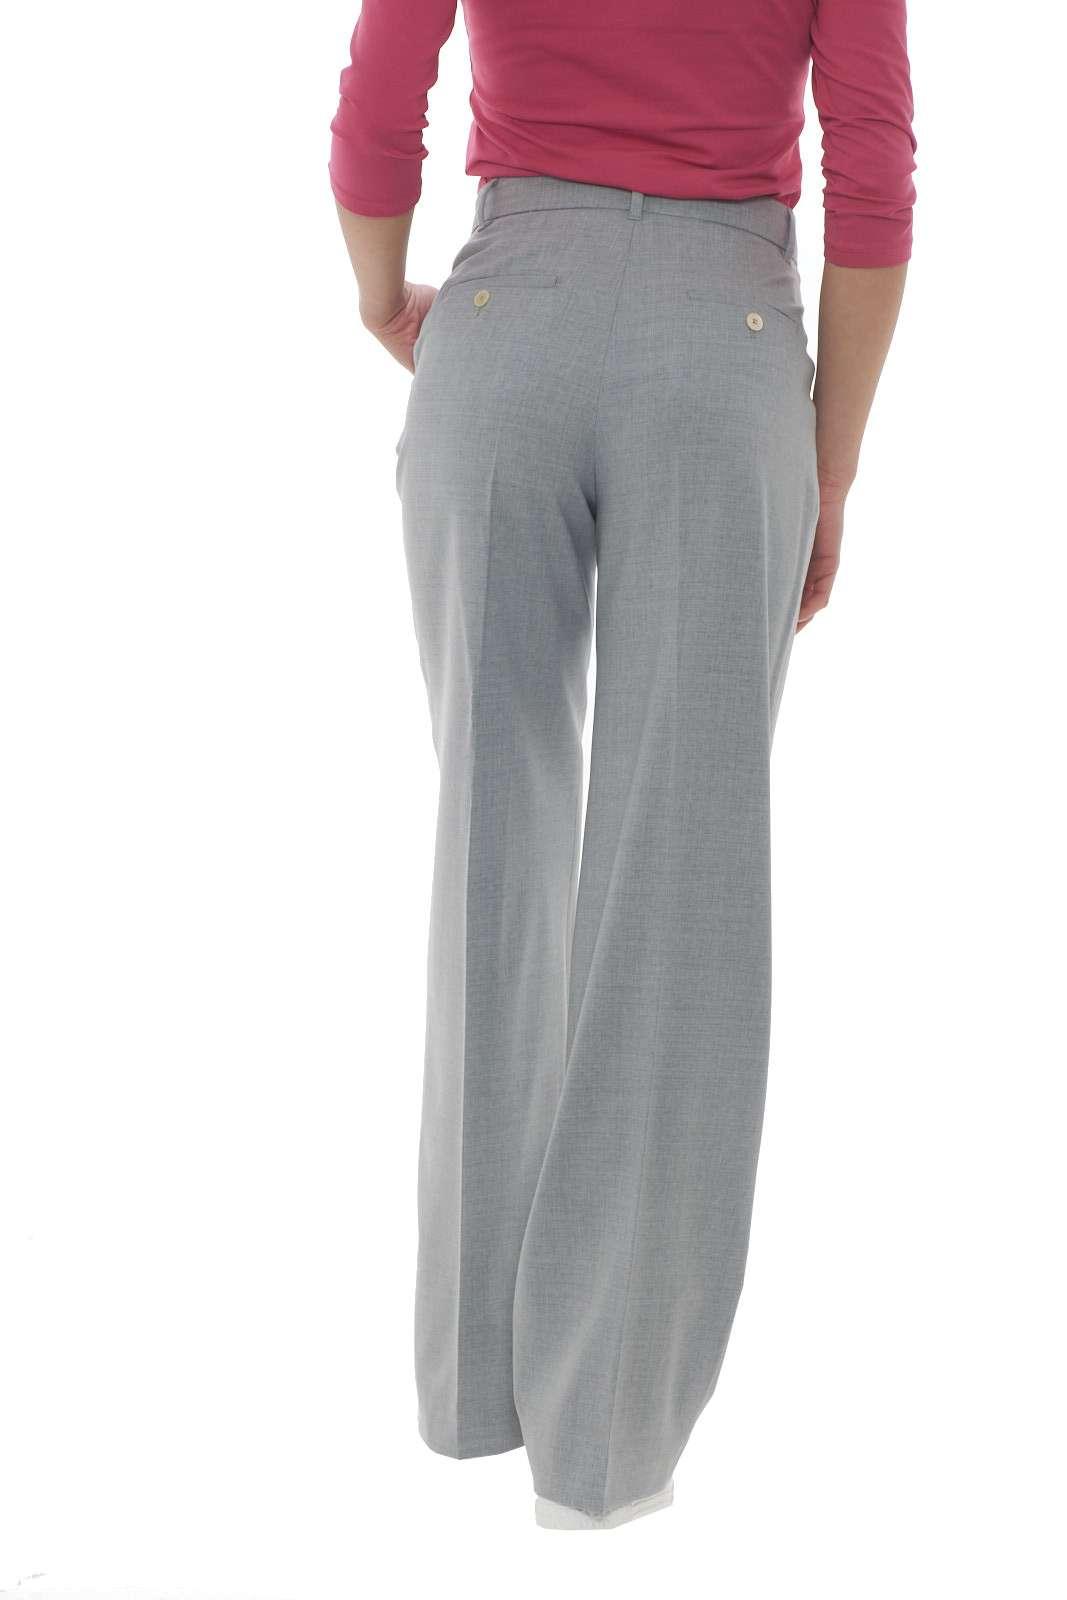 https://www.parmax.com/media/catalog/product/a/i/PE-outlet_parmax-pantaloni-donna-MaxMara-51311407-C.jpg